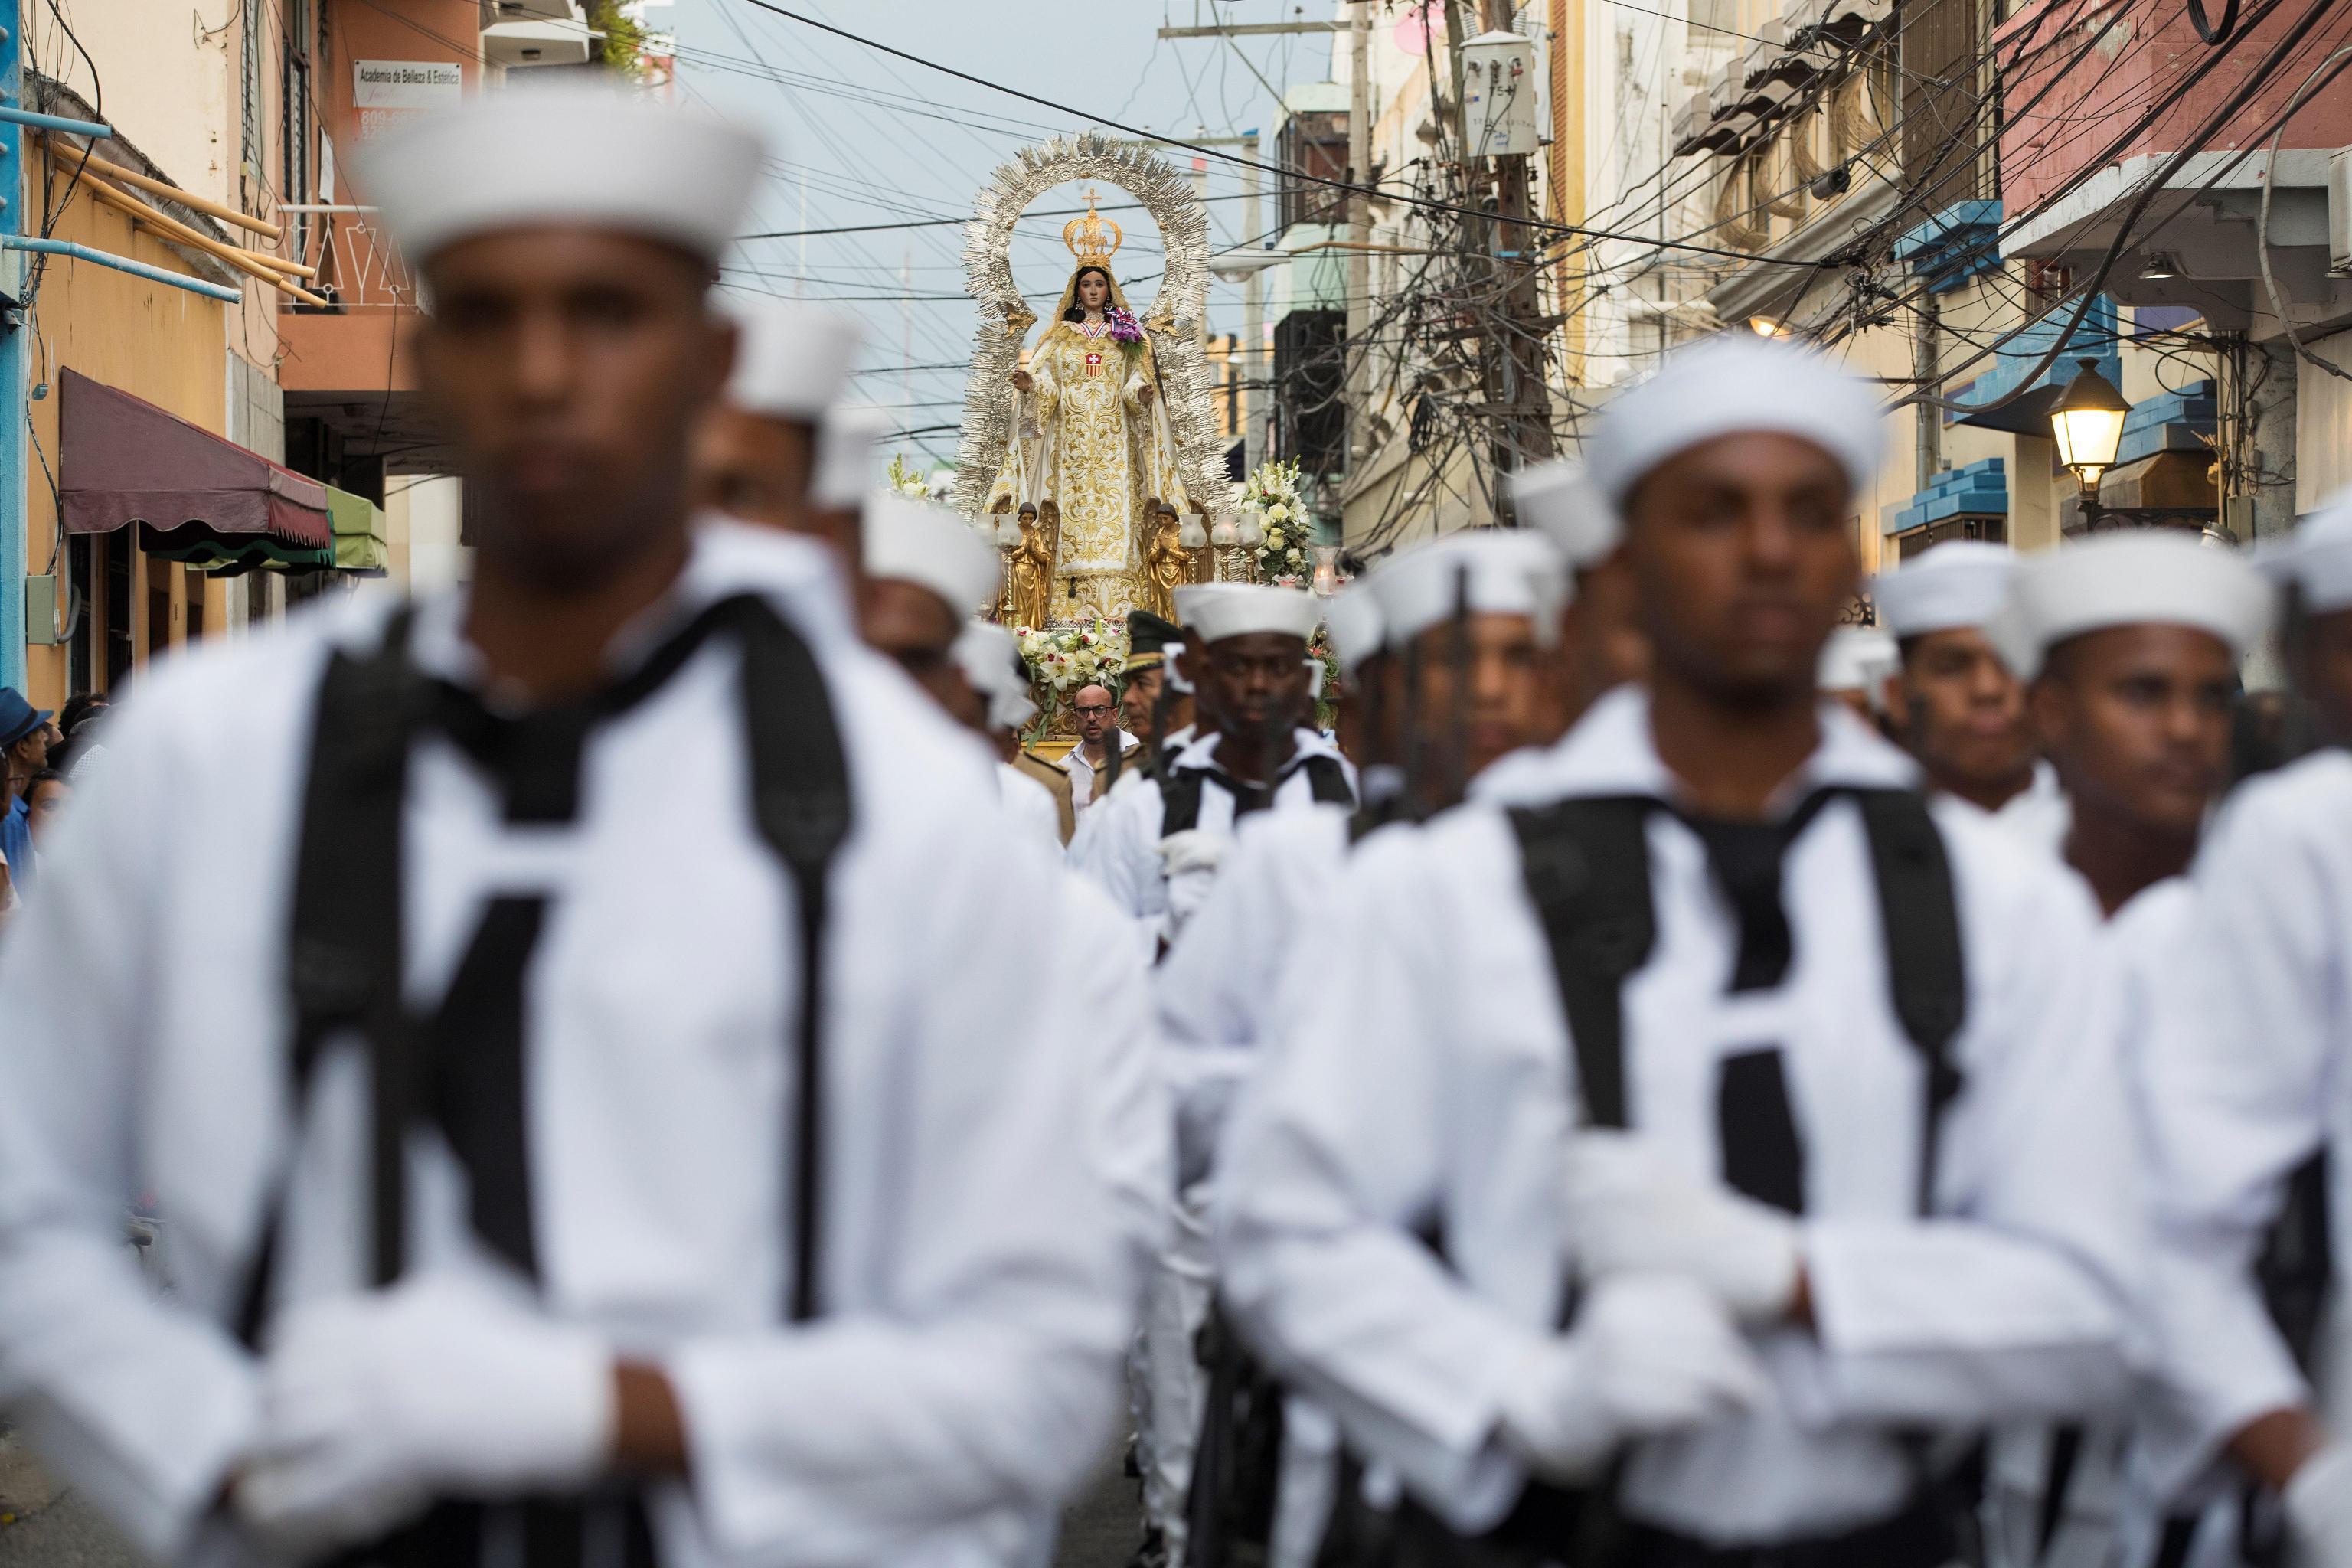 La statua della Vergine viene trainata da alcuni uomini del posto